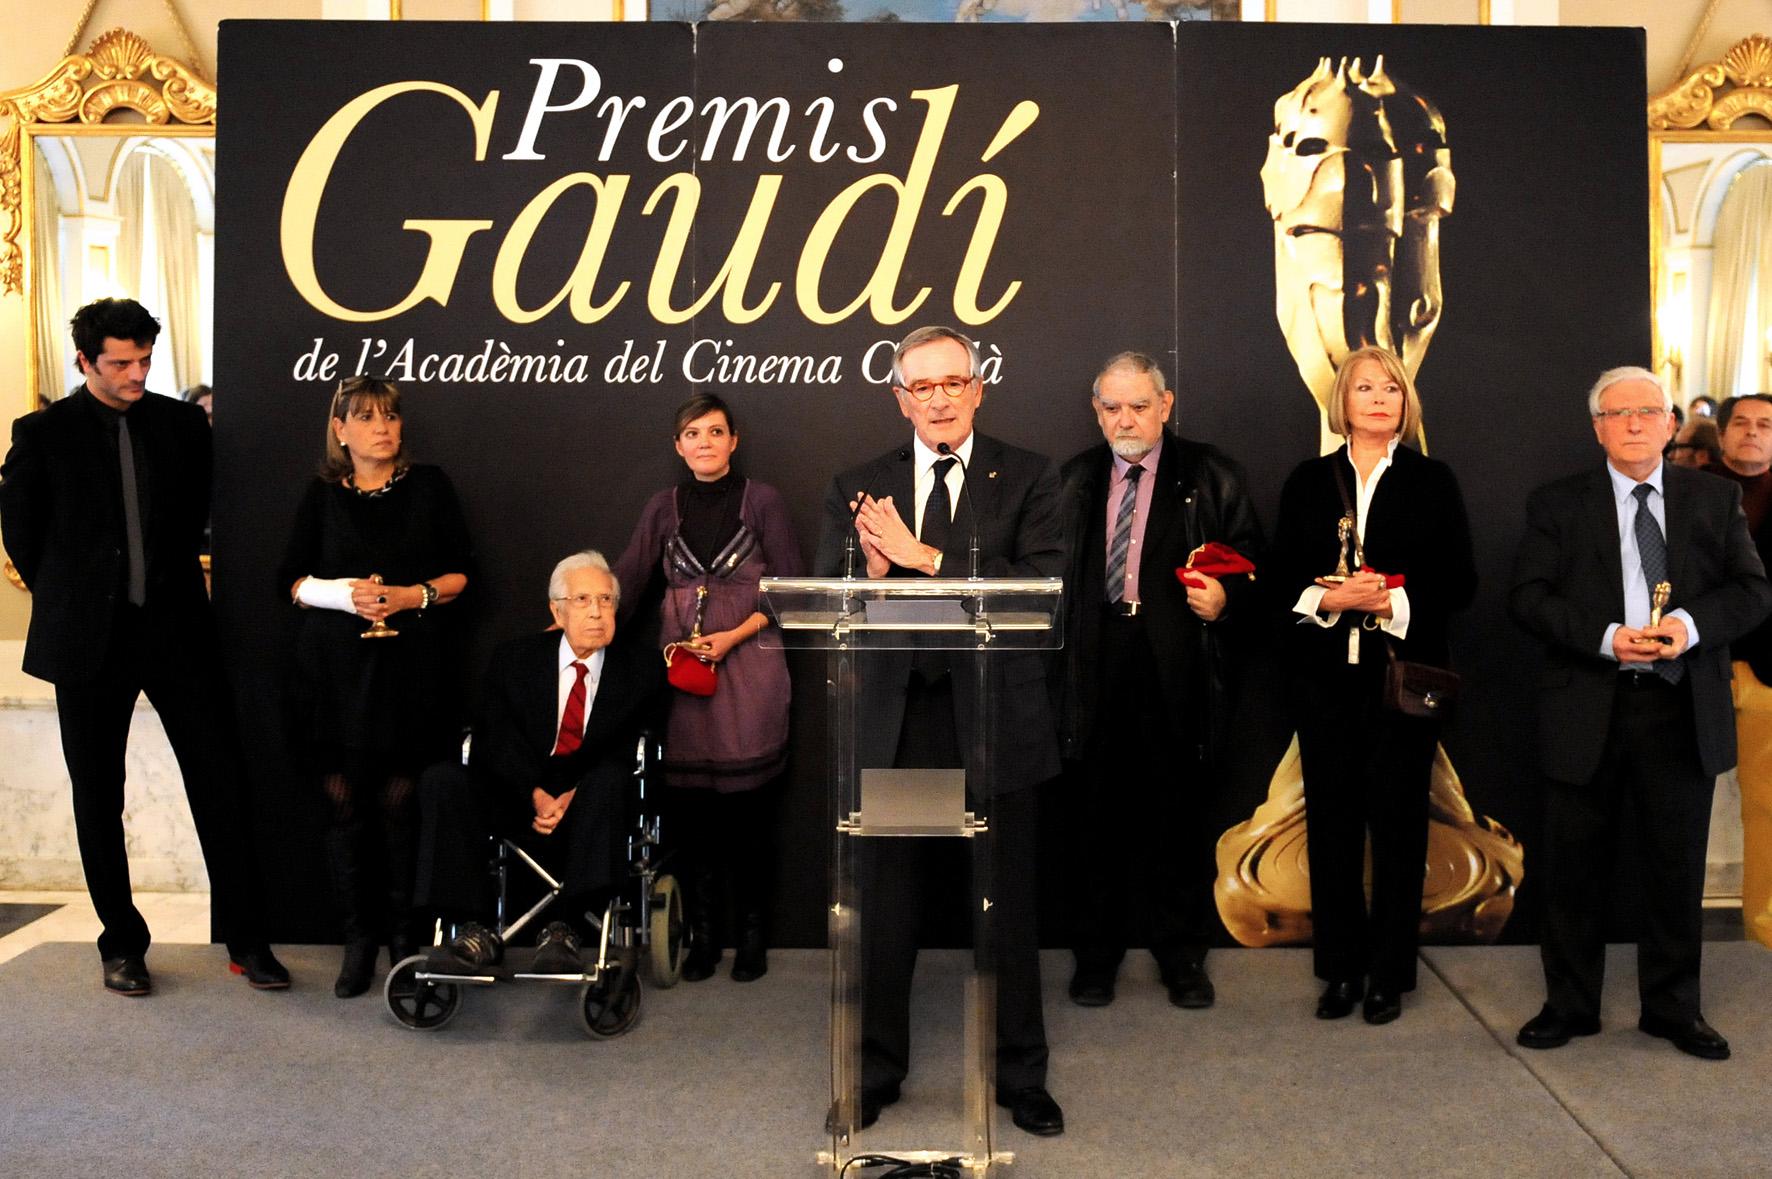 L'Acadèmia del Cinema Català ha nomenat els nous Membres d'Honor